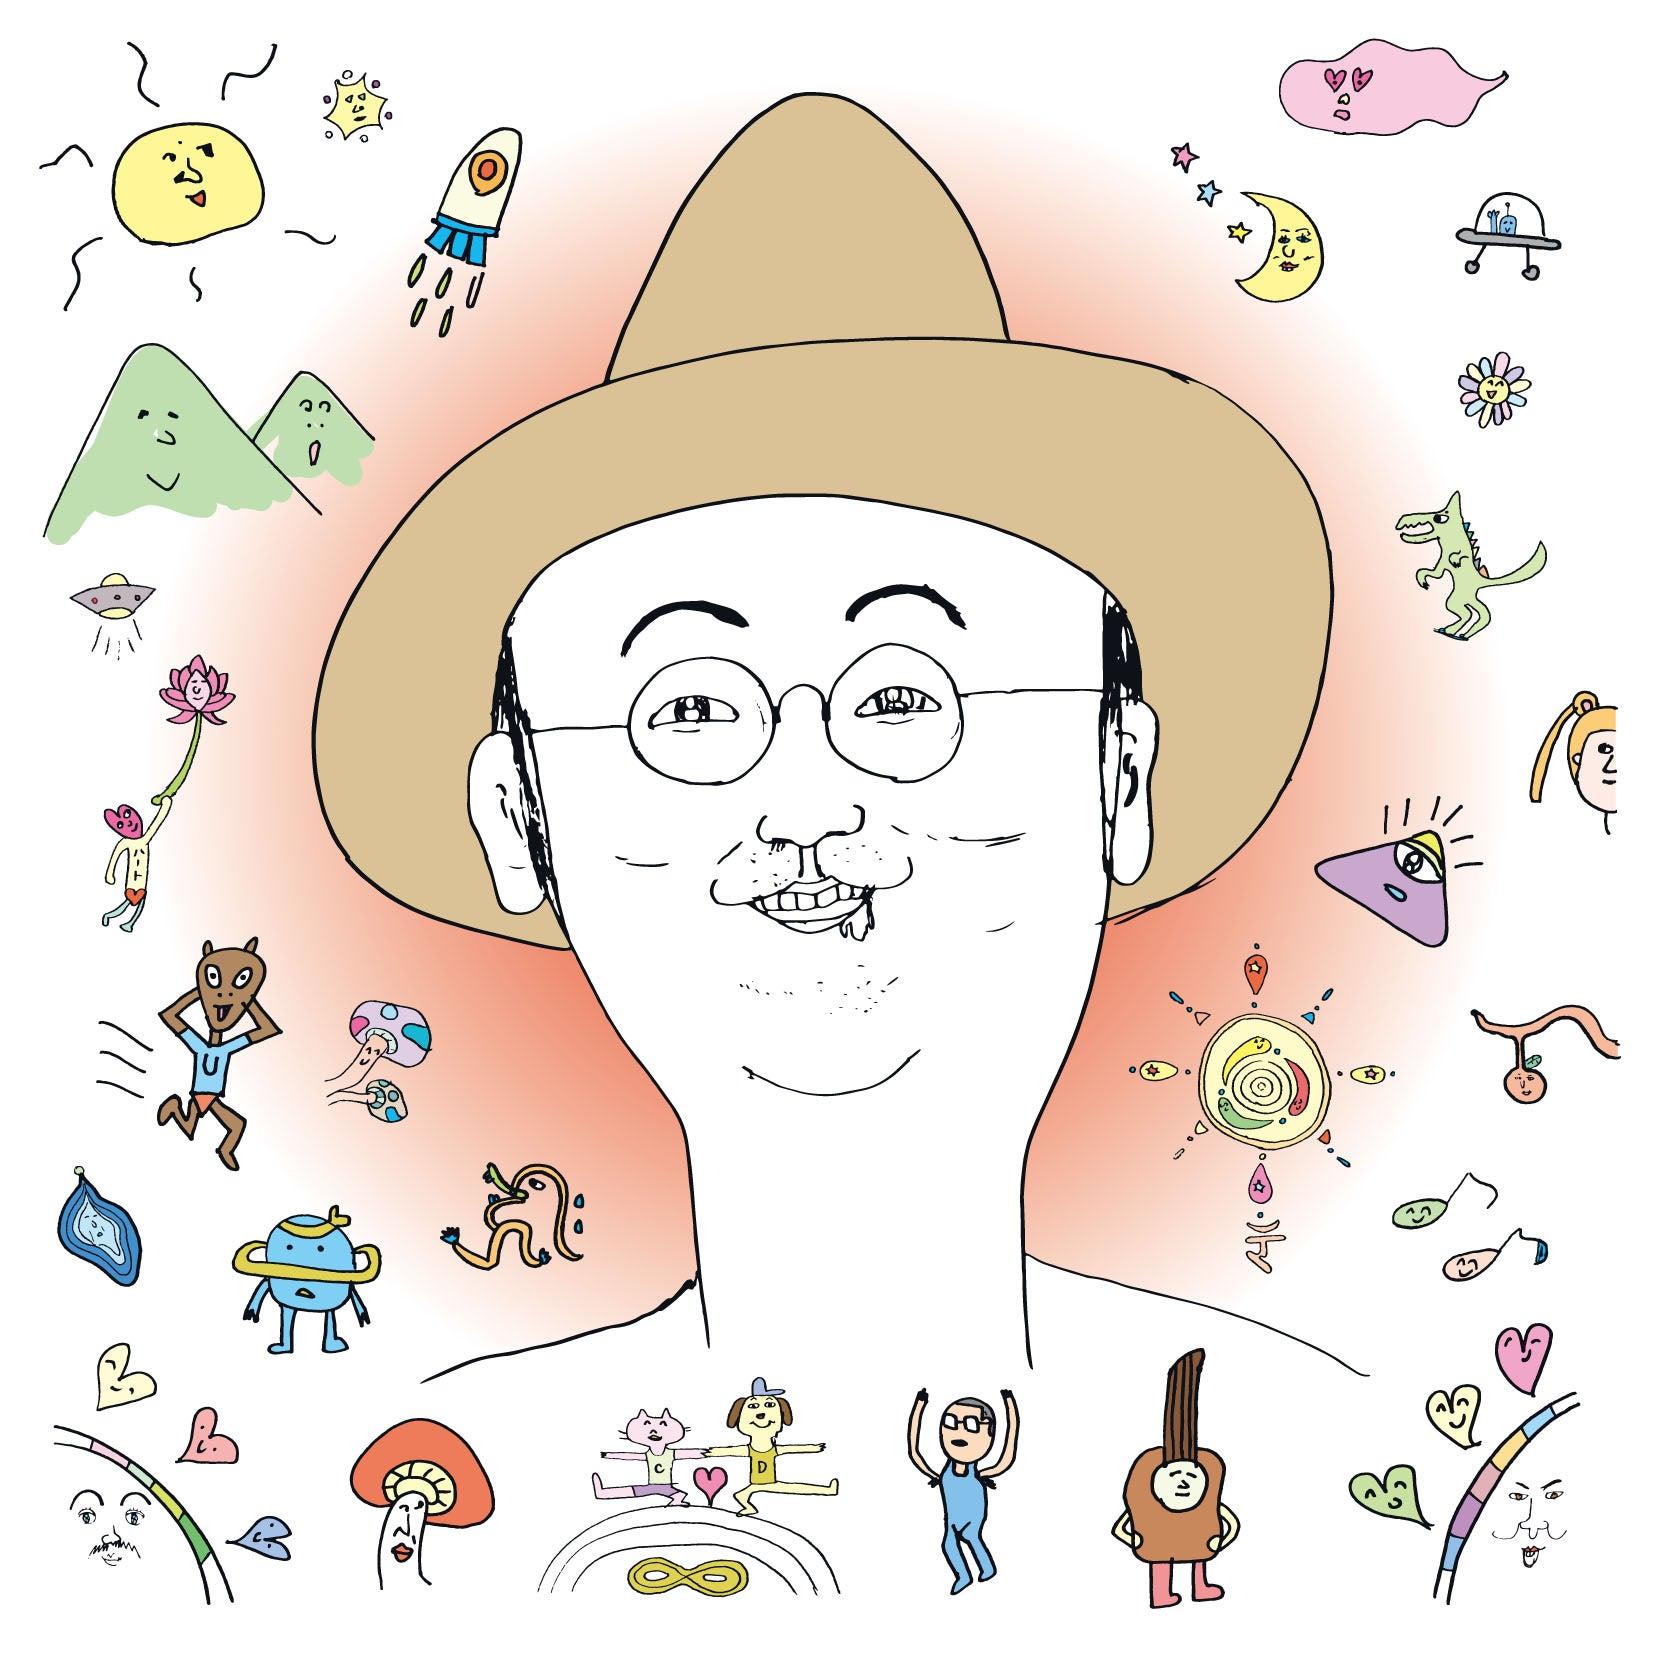 12月13日に『モン吉2』をリリース! モン吉さんインタビュー